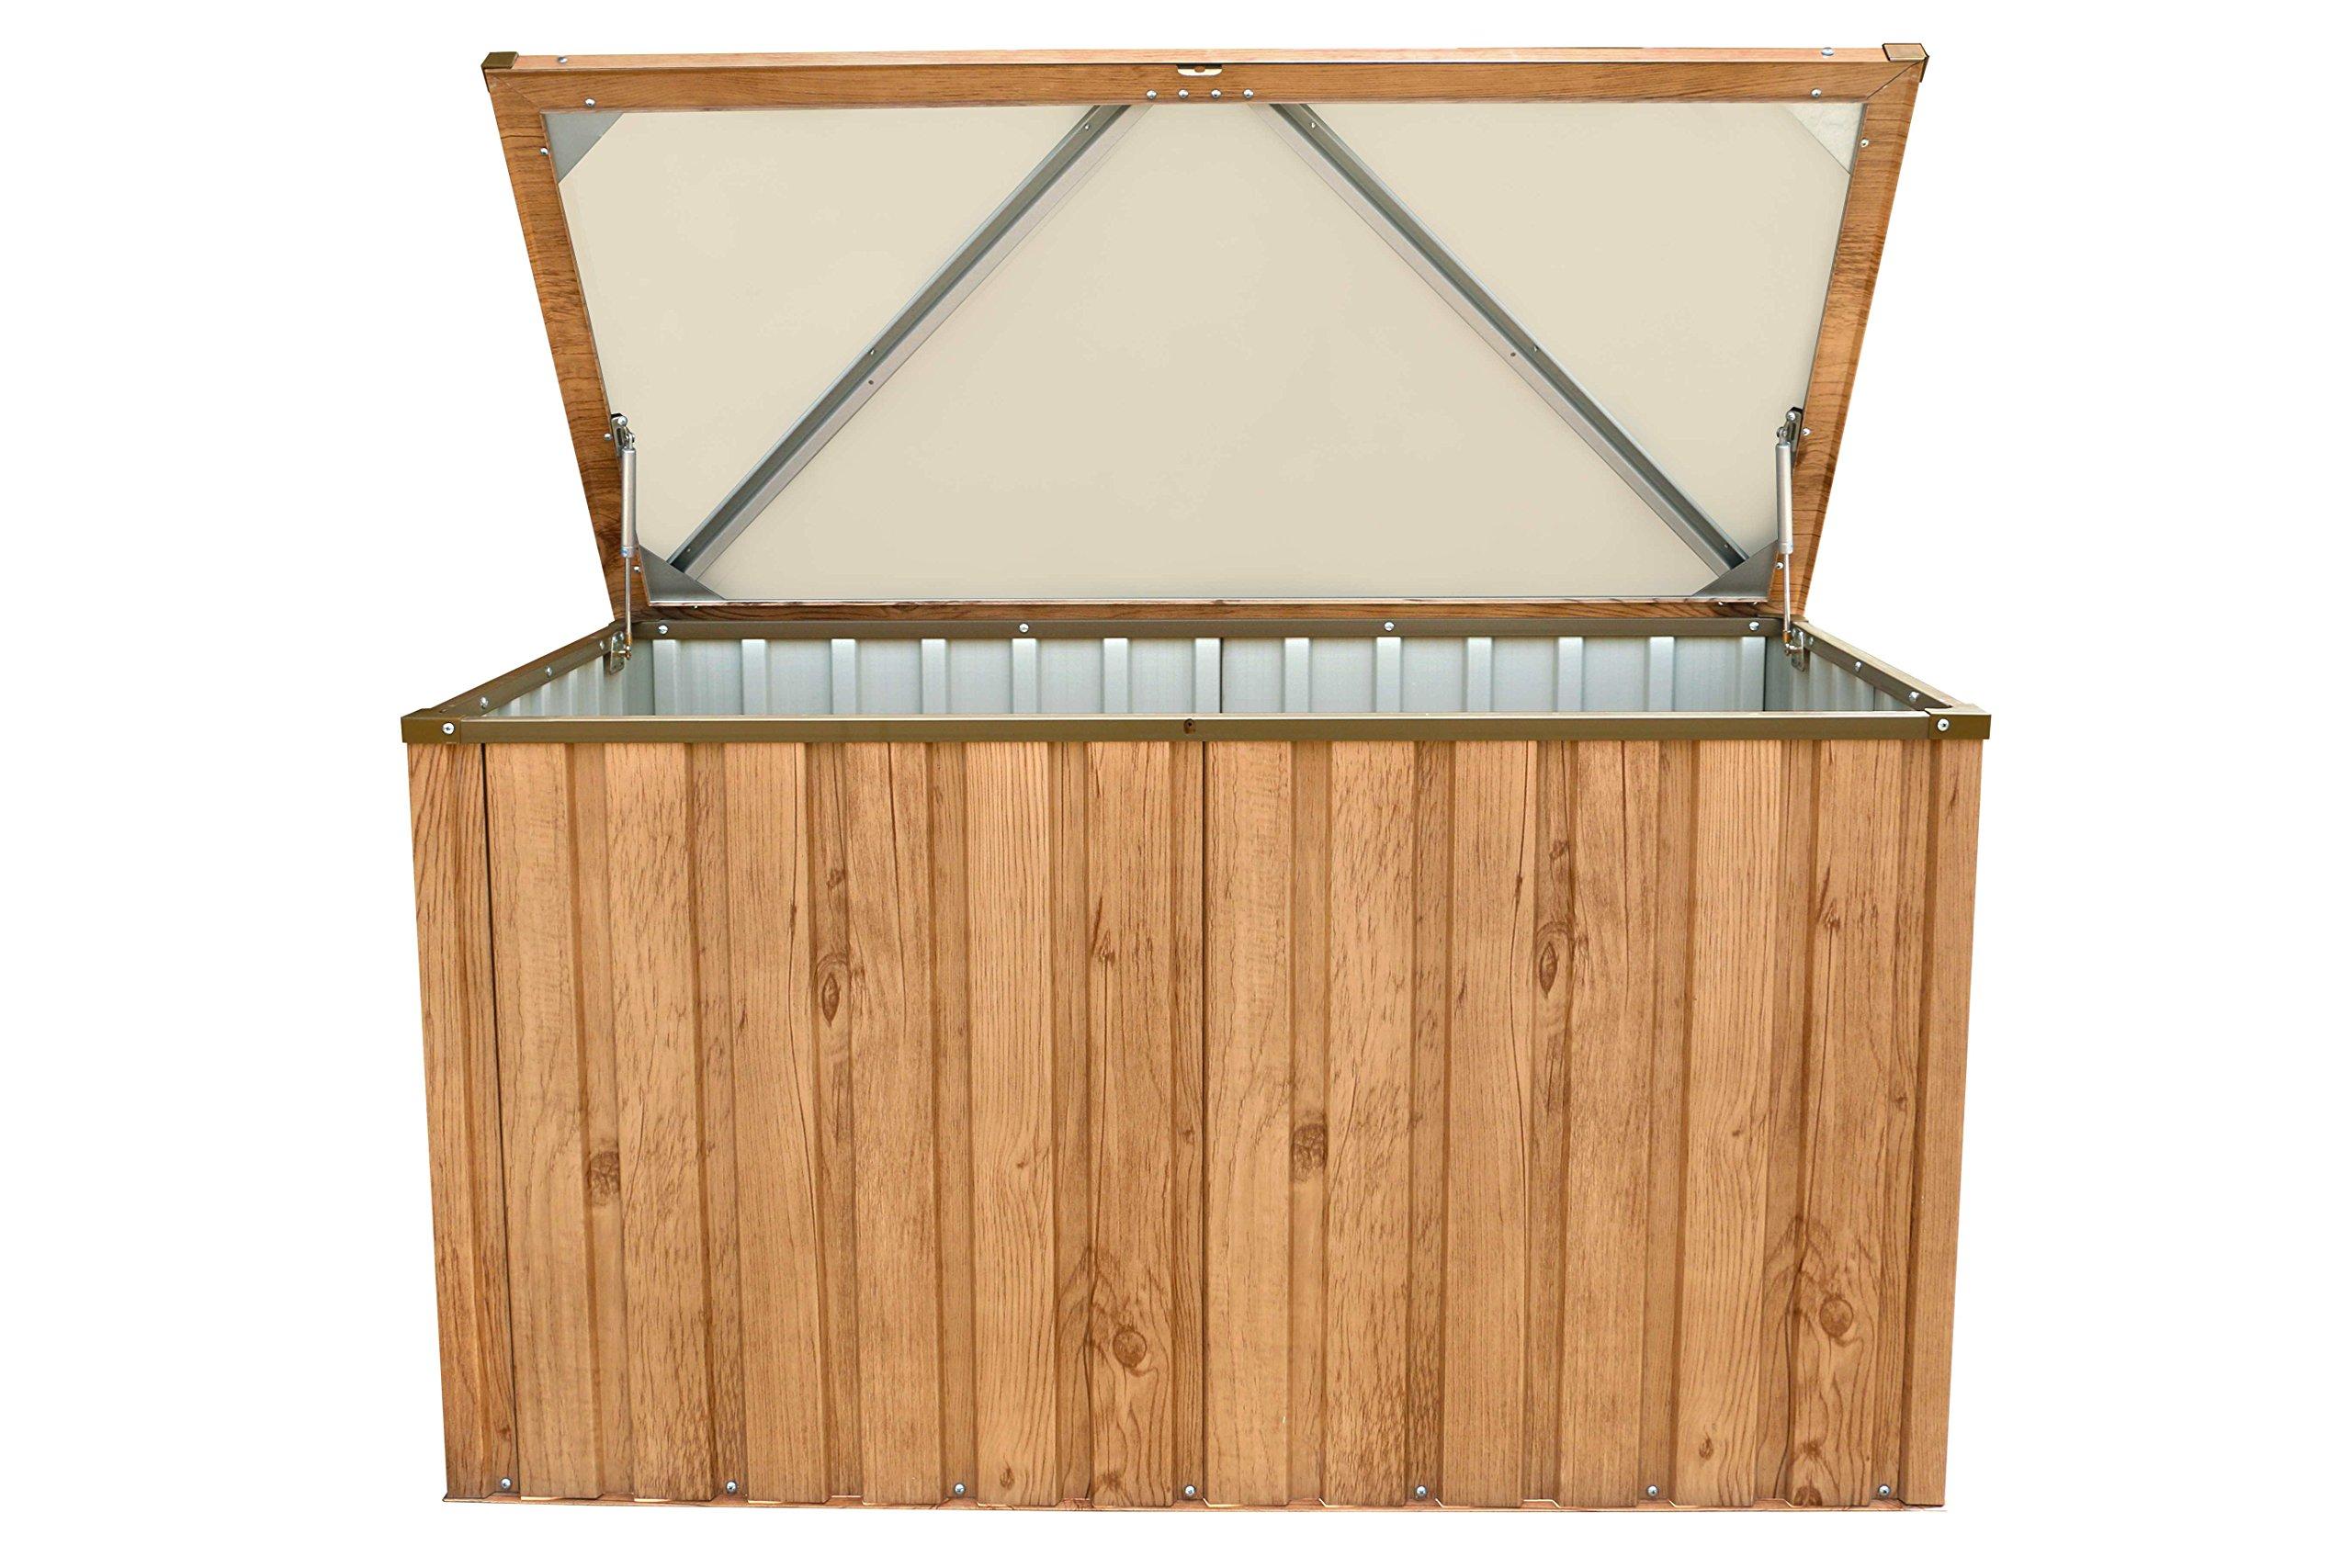 tepro Metall Geräte Garten Werkzeug Aufbewahrungsbox 590L braun inkl. Bodenplatte